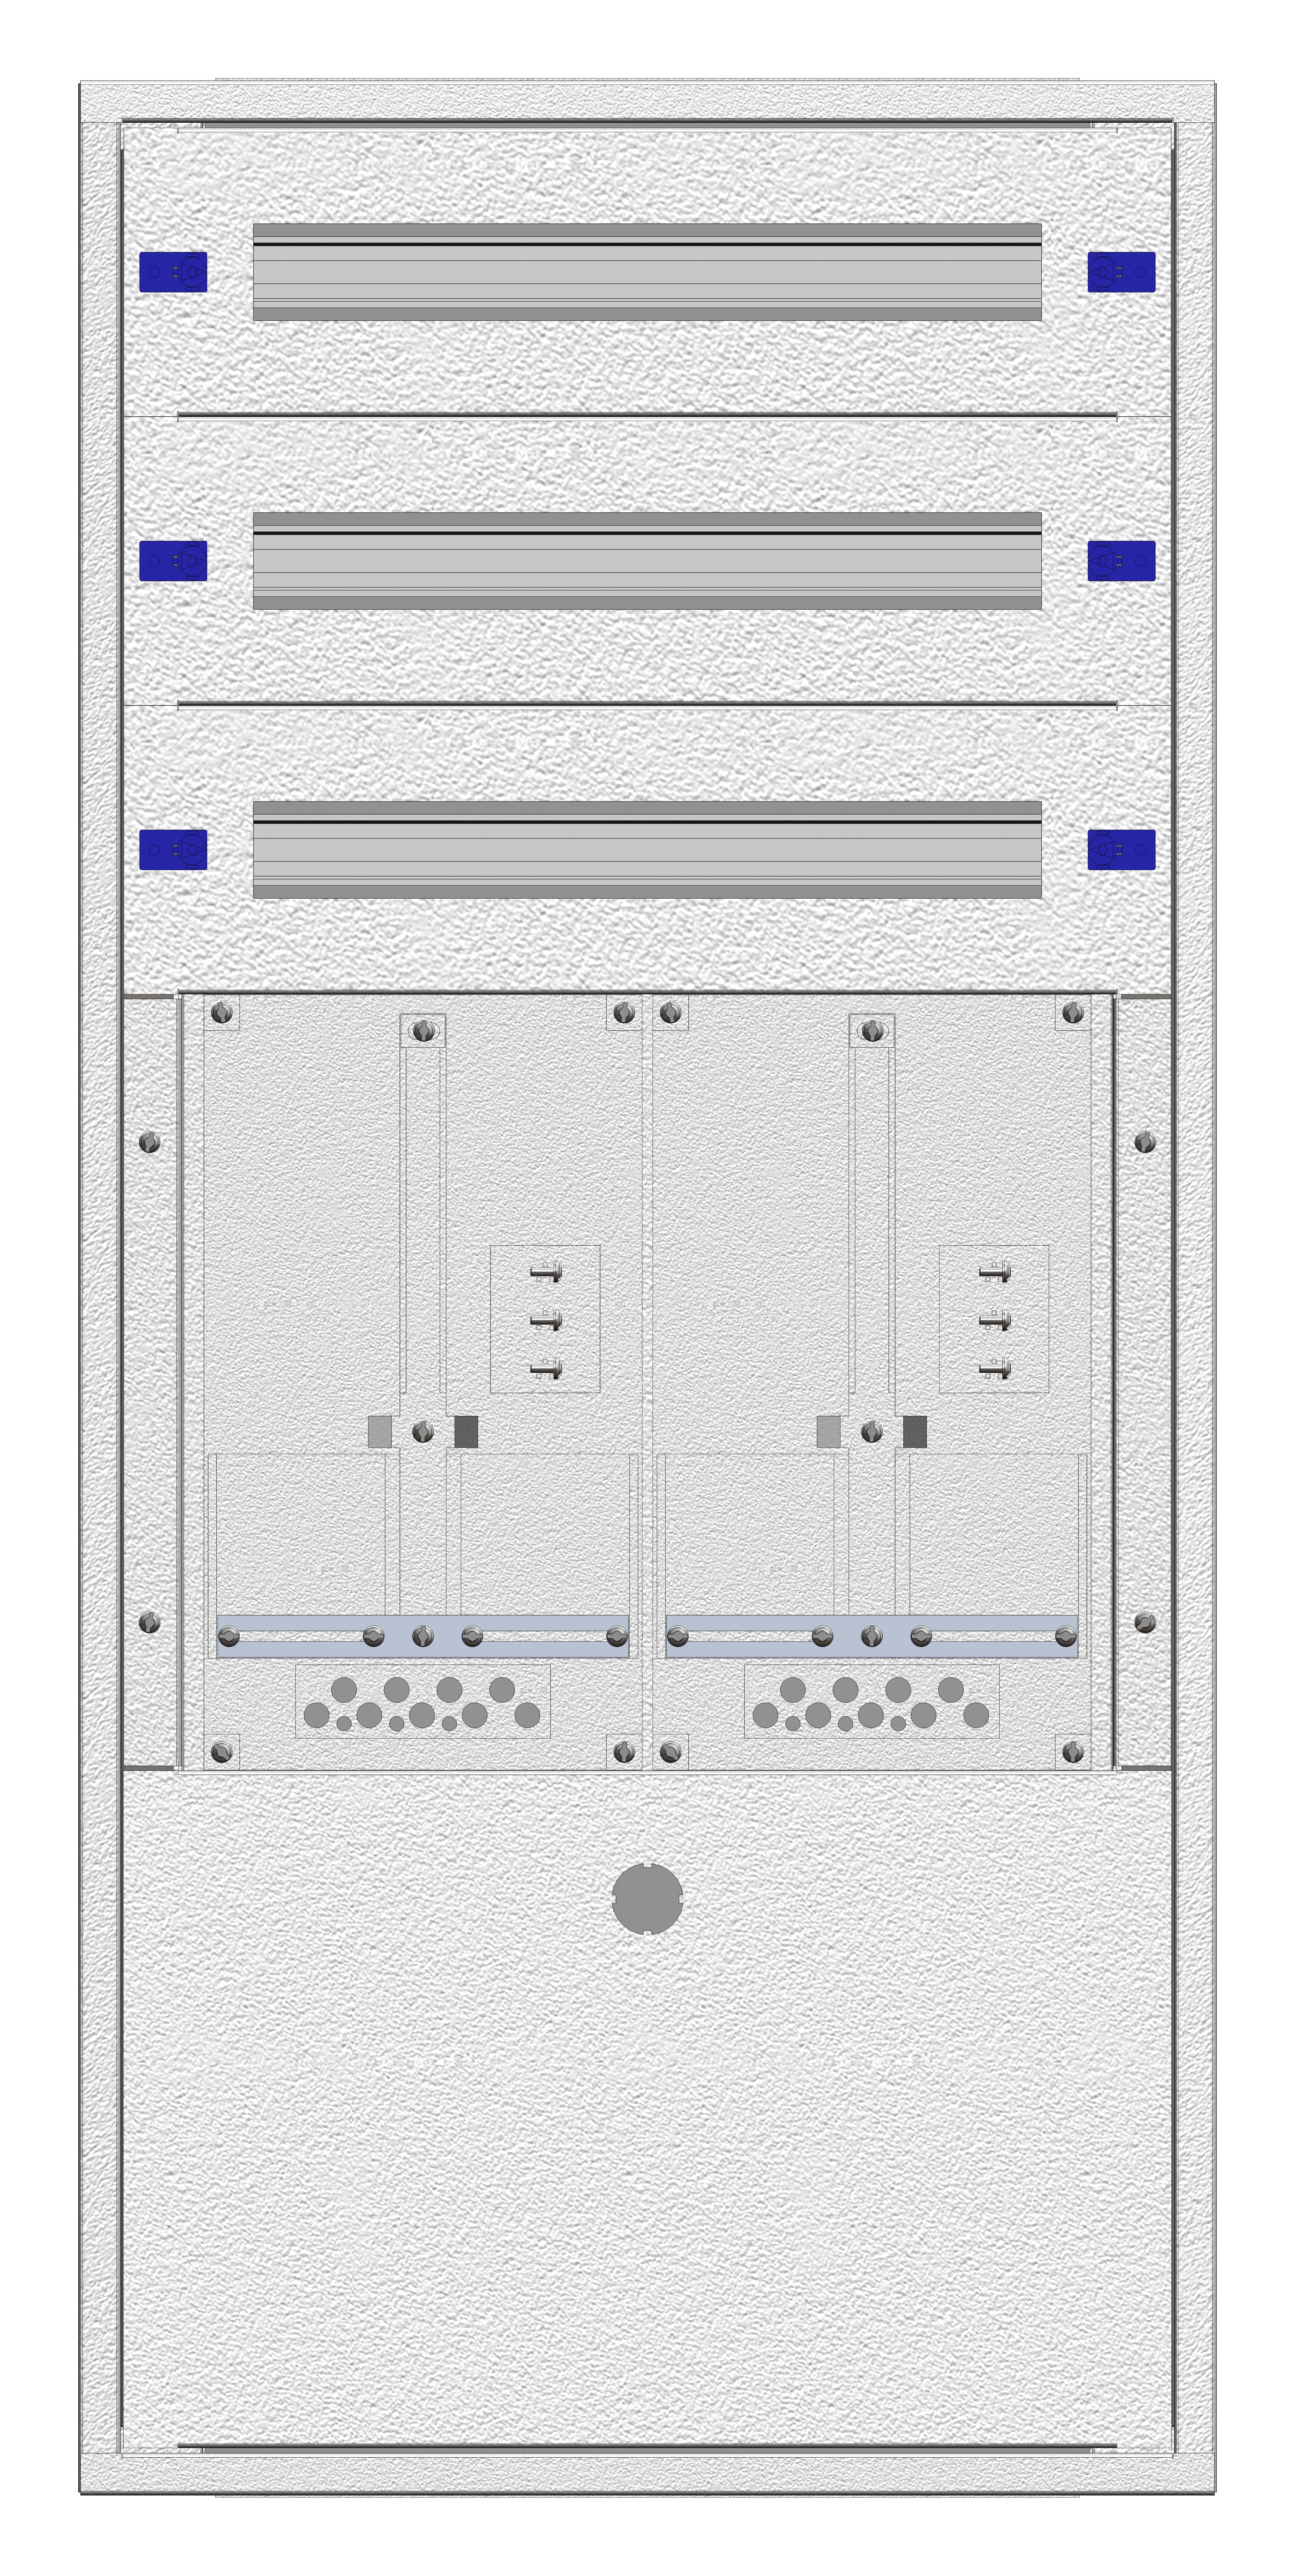 1 Stk Aufputz-Zählerverteiler 2A-24E/BGLD 2ZP, H1195B590T250mm IL160224BS